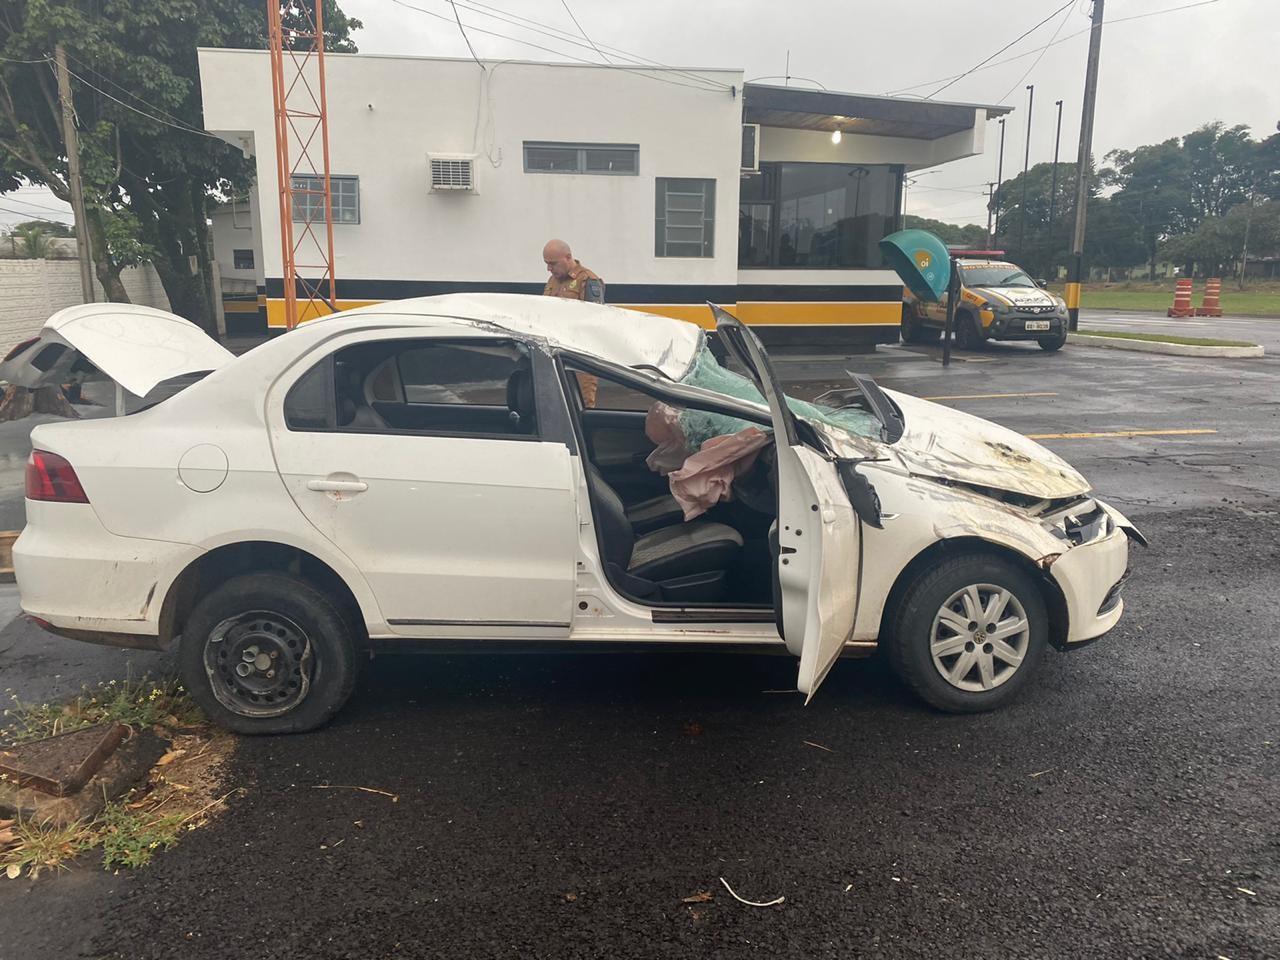 Motorista capota e abandona carro carregado com 287 quilos de maconha na PR-323, diz polícia